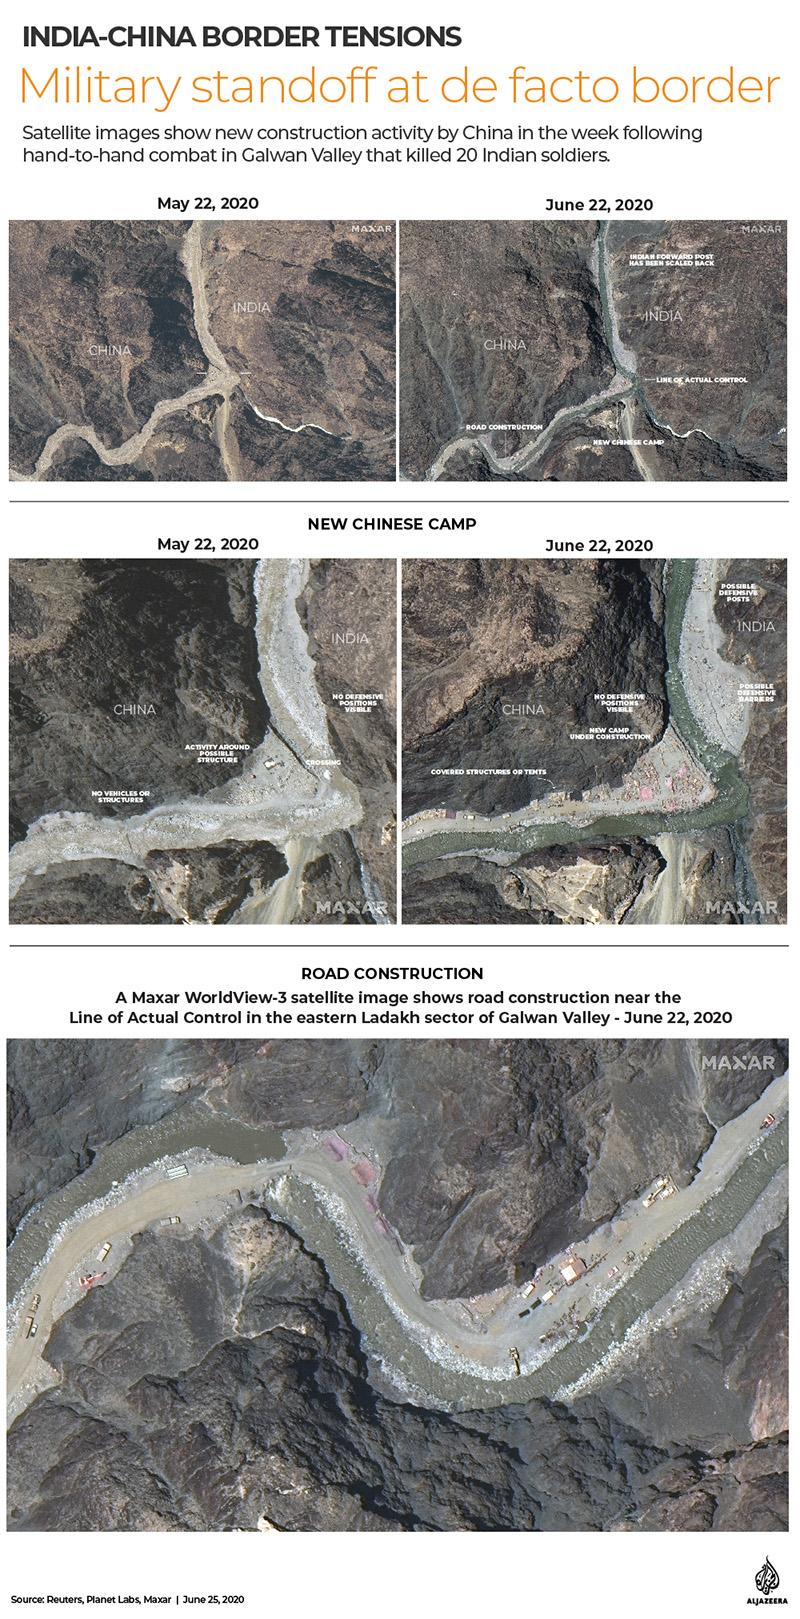 China-India border tensions